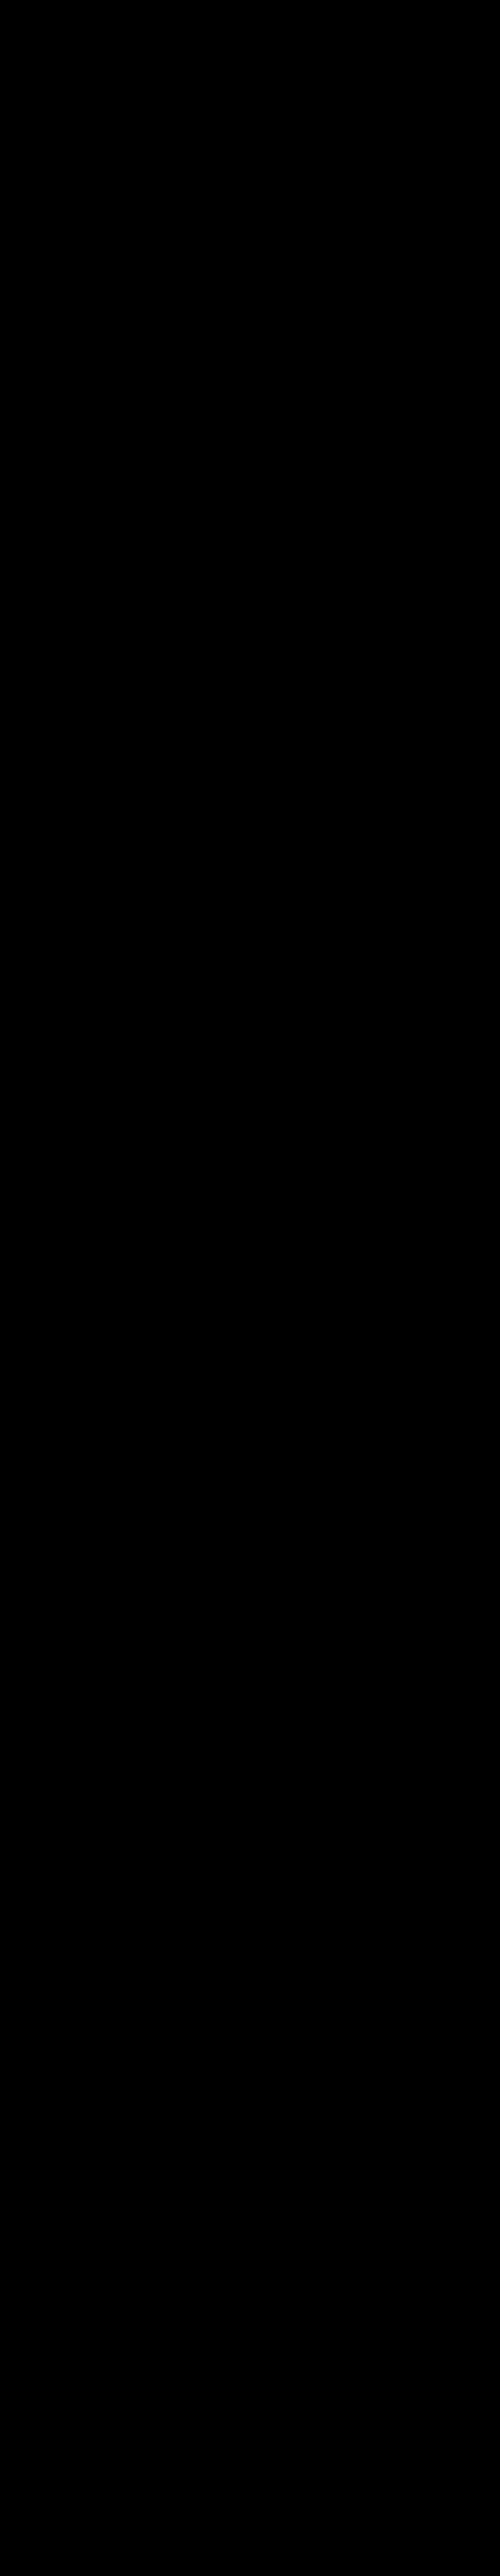 スーパーミニプラ 機甲界ガリアン 飛行兵ウィンガル・ジー ハイ・シャルタット機【プレミアムバンダイ限定】